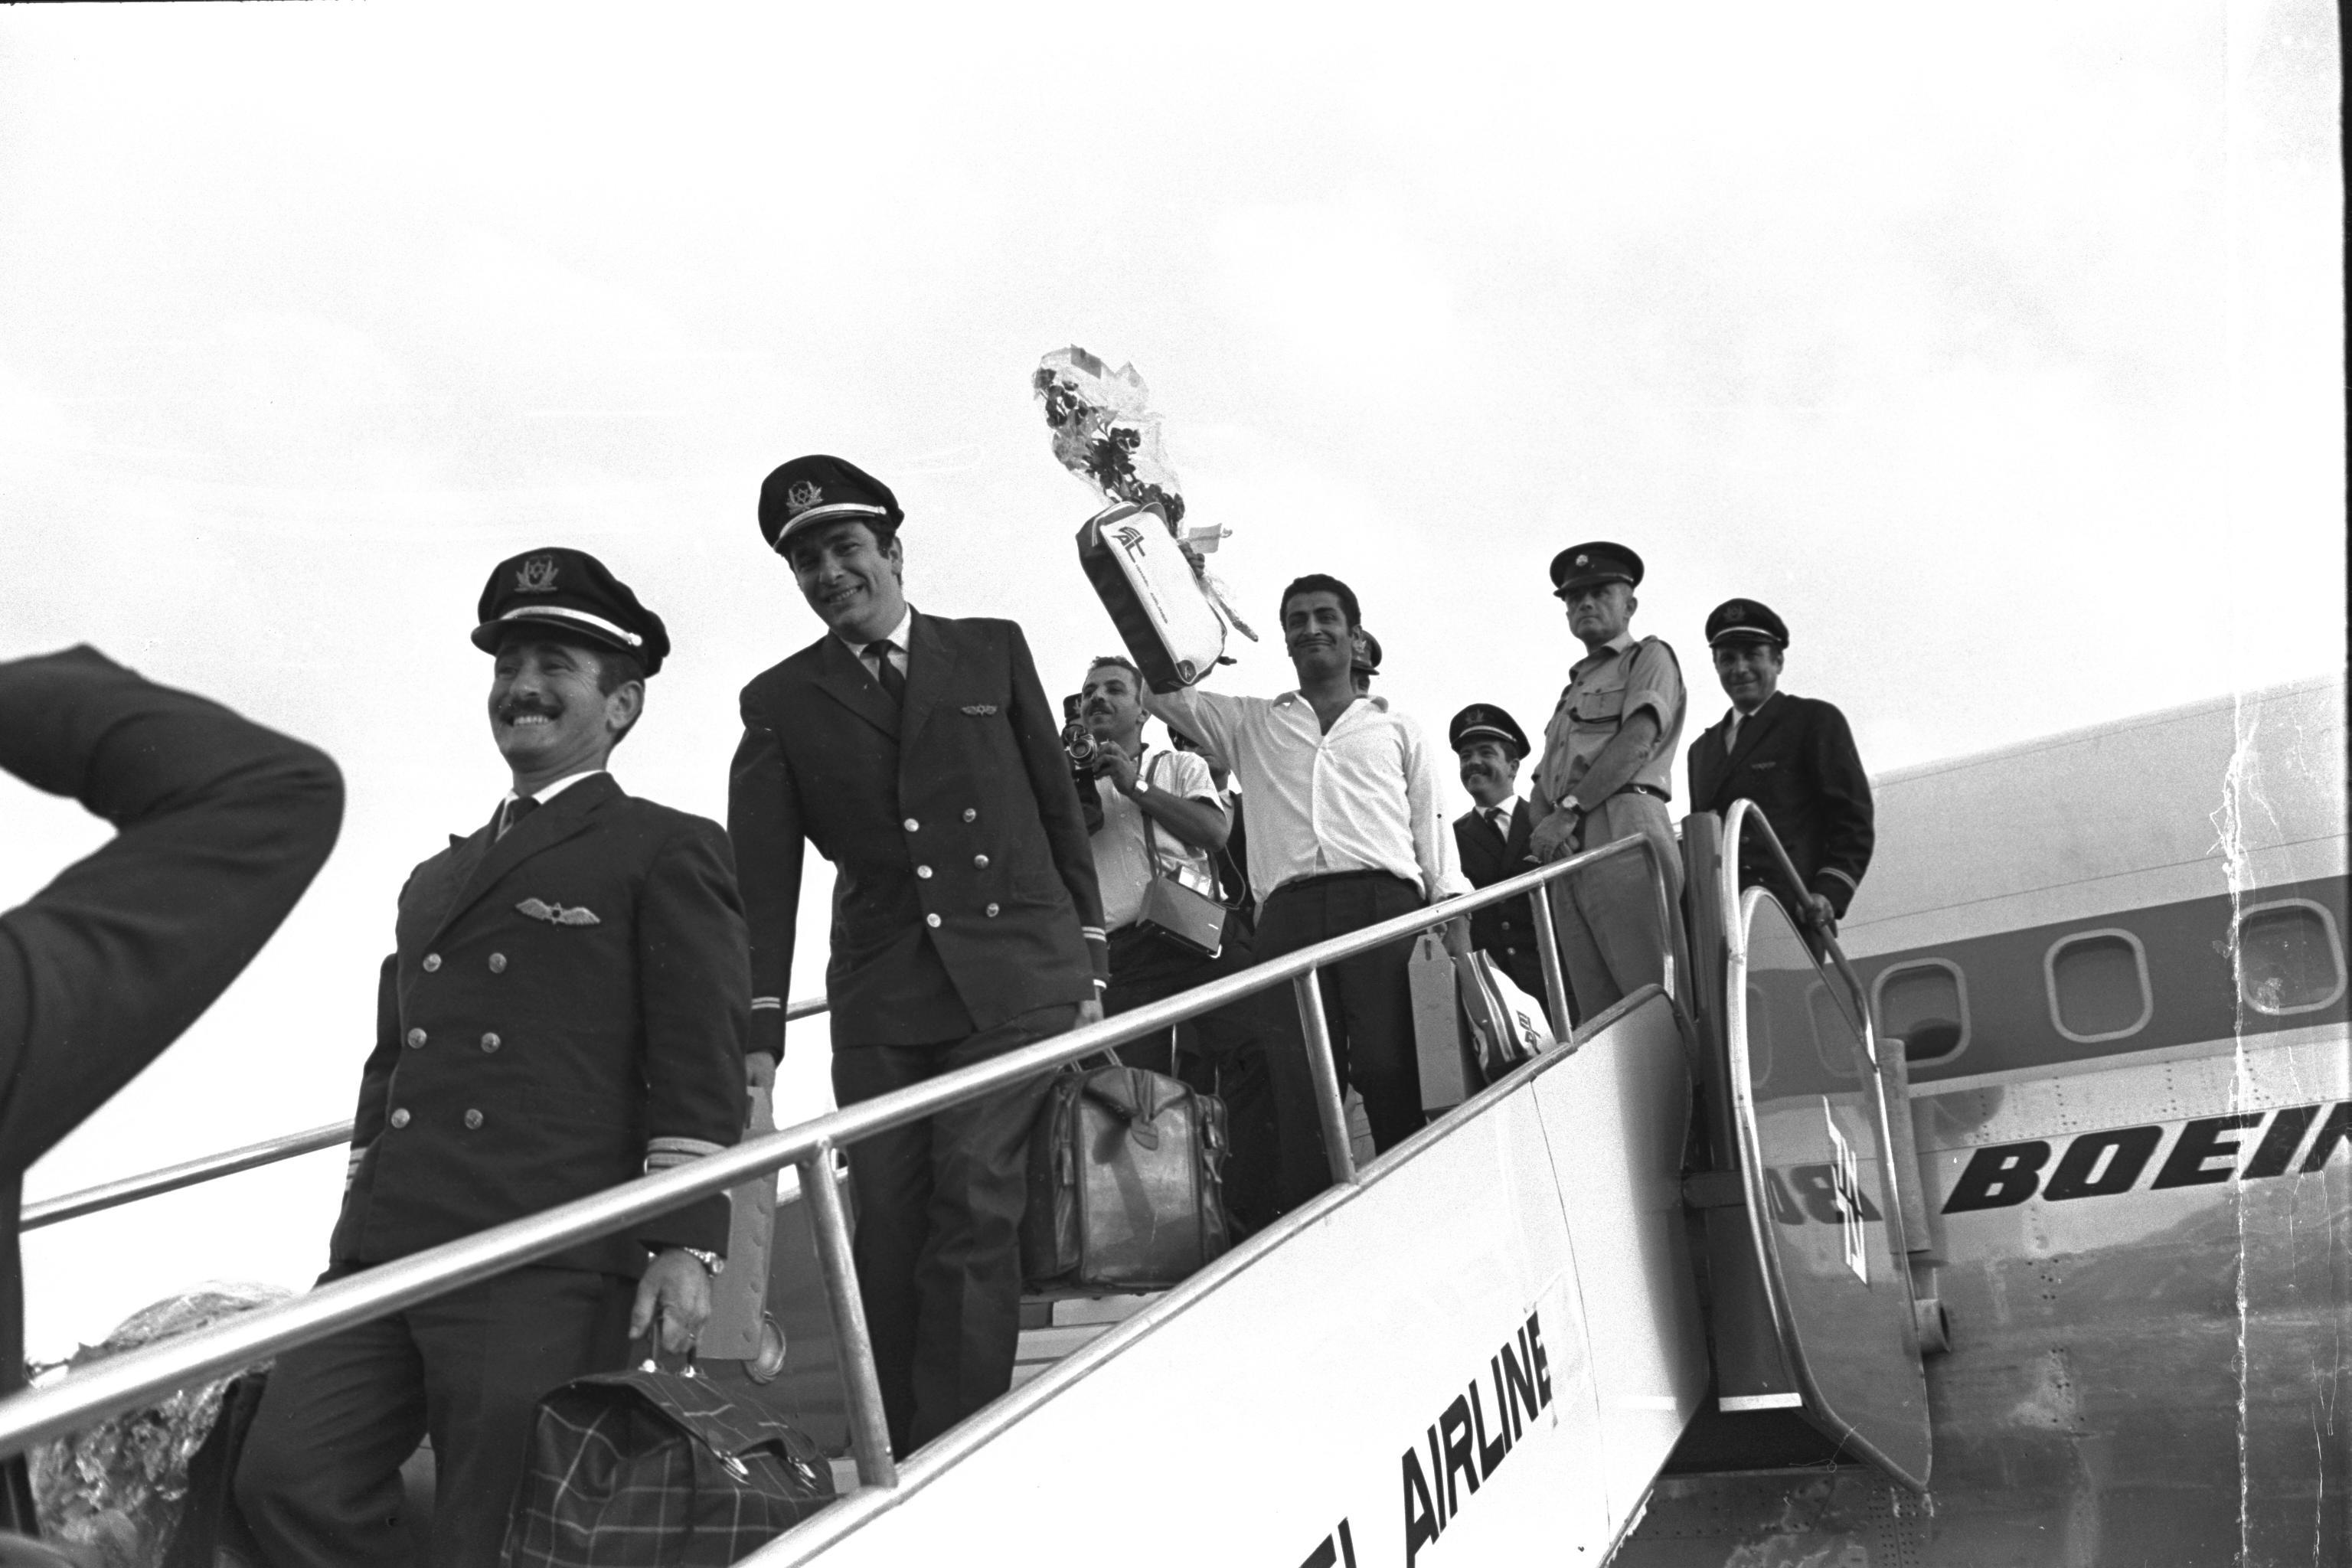 El Al 납치 사건, 풀려나 귀국하는 승무원과 승객들